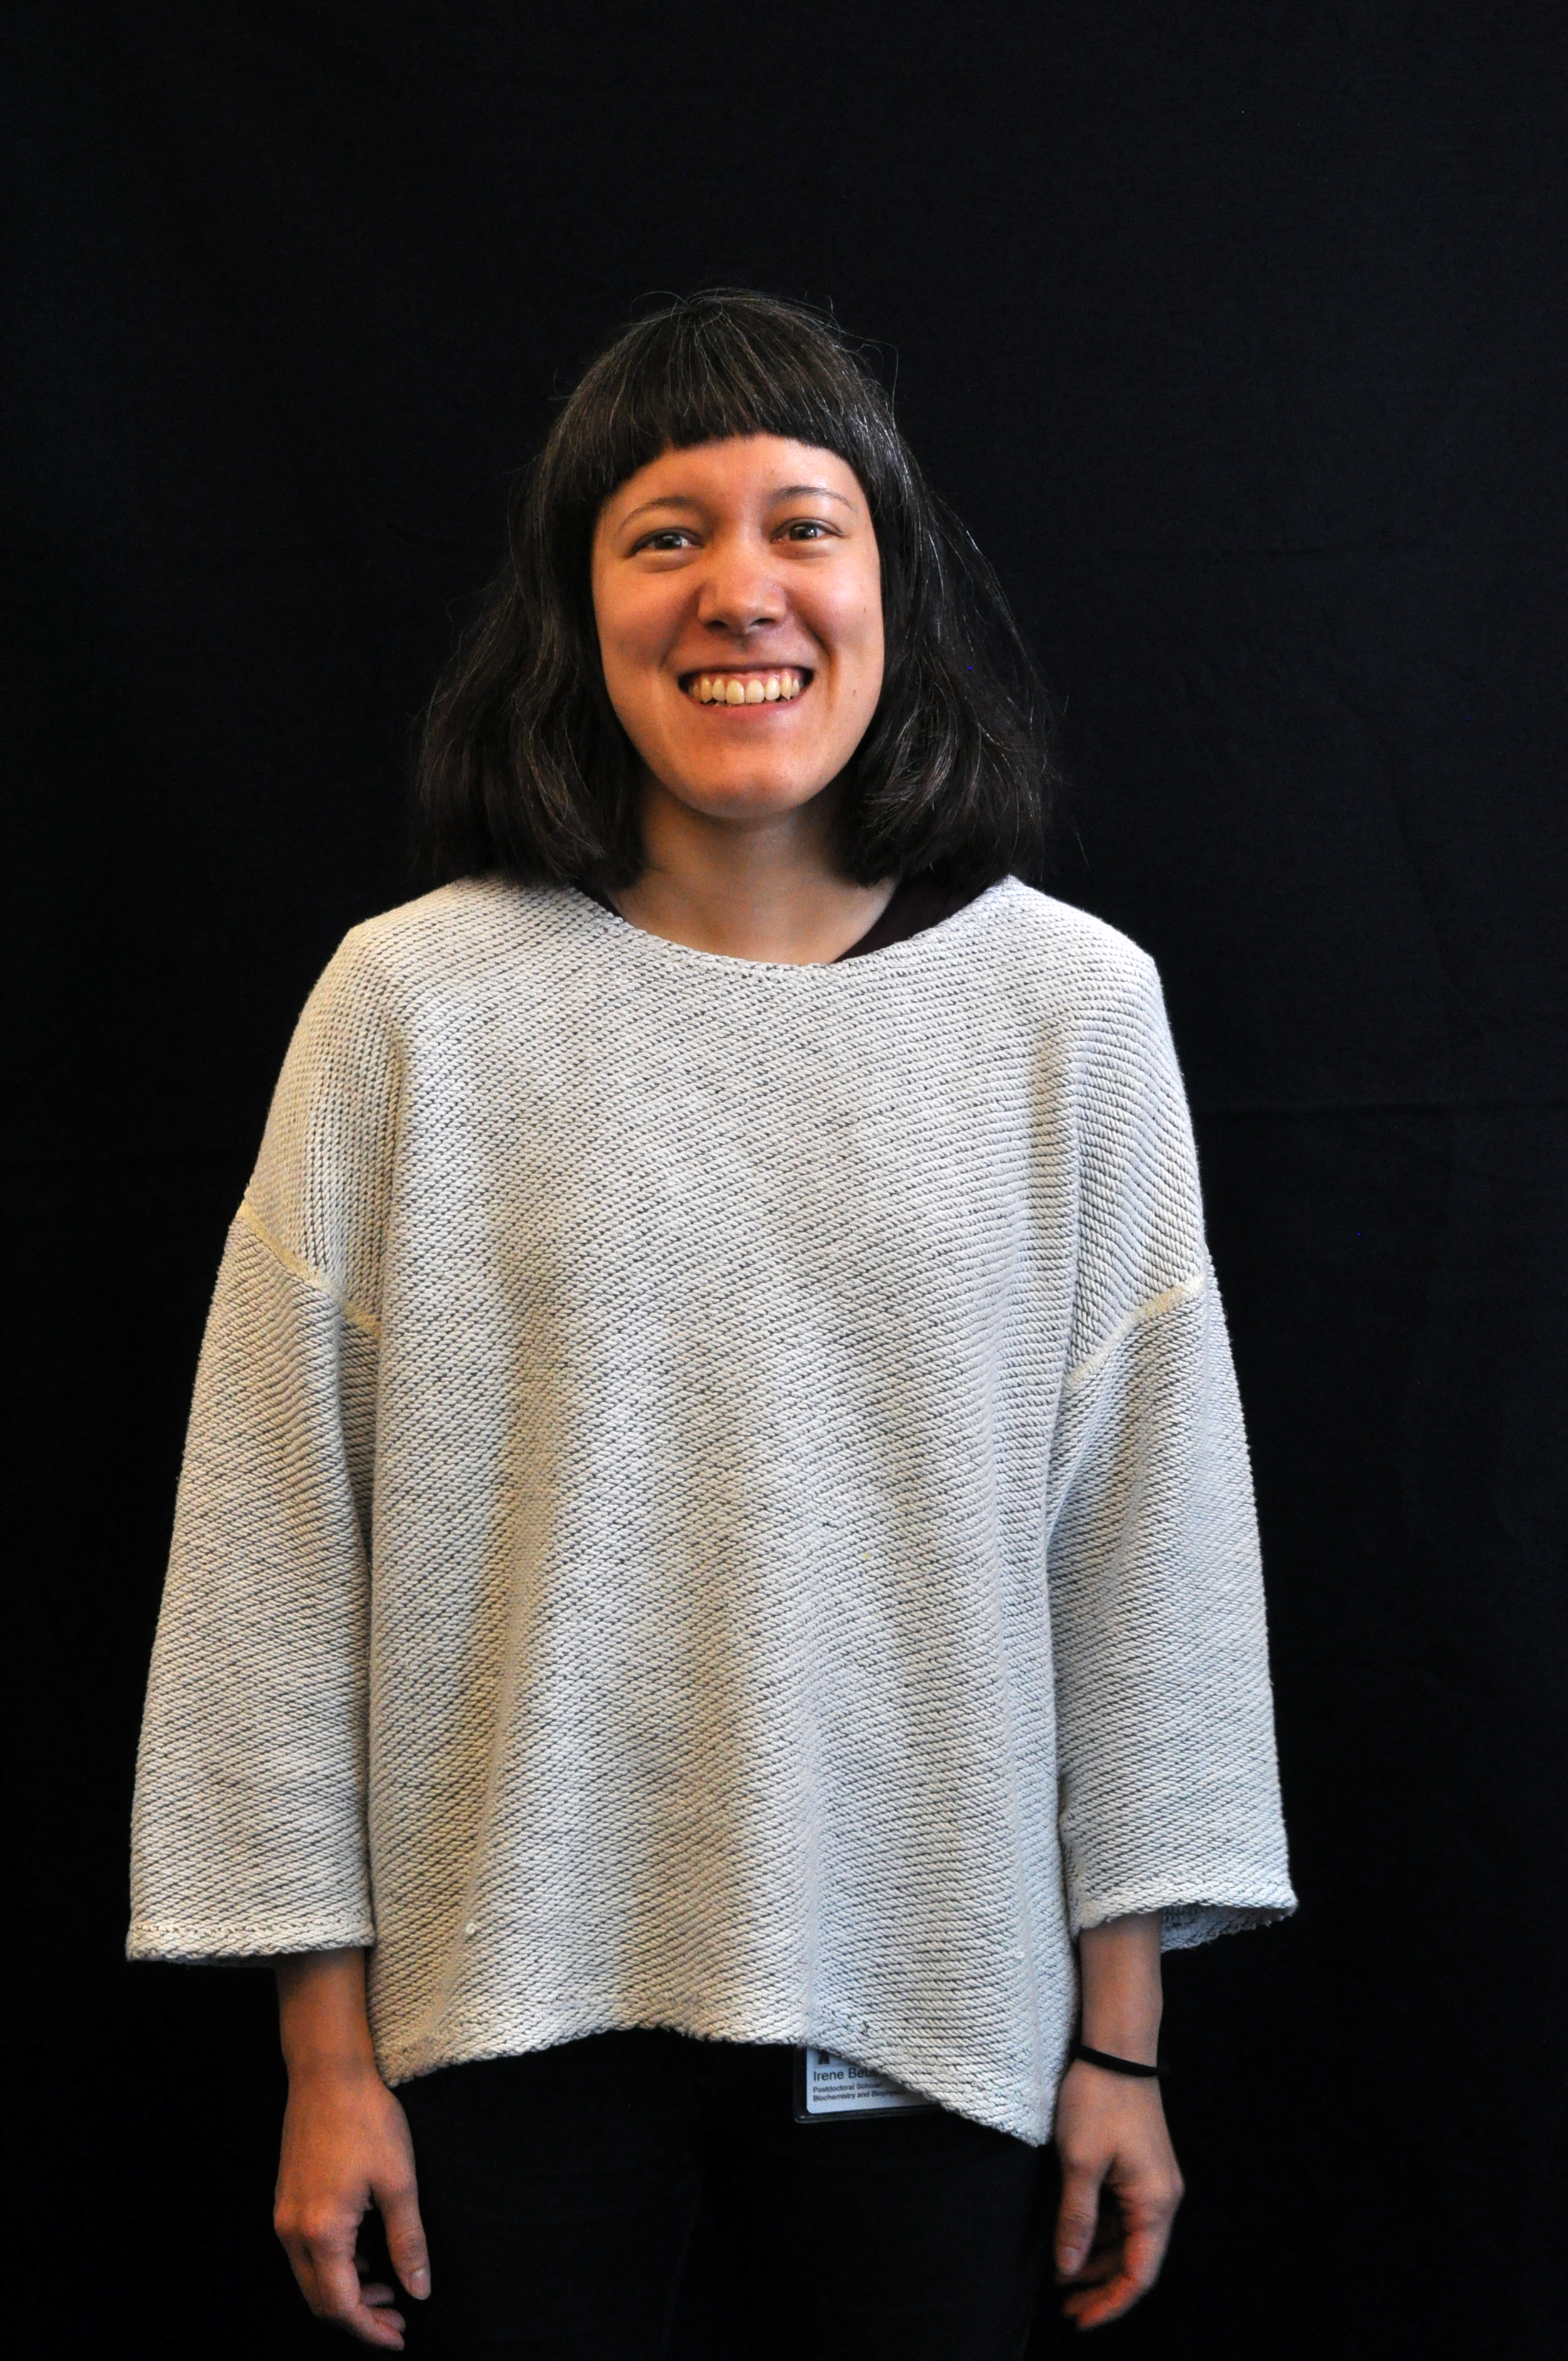 Irene Beusch - irene.beusch[at]ucsf[dot]eduPostdoctoral FellowPh.D. Structural BiologyETH Zurich